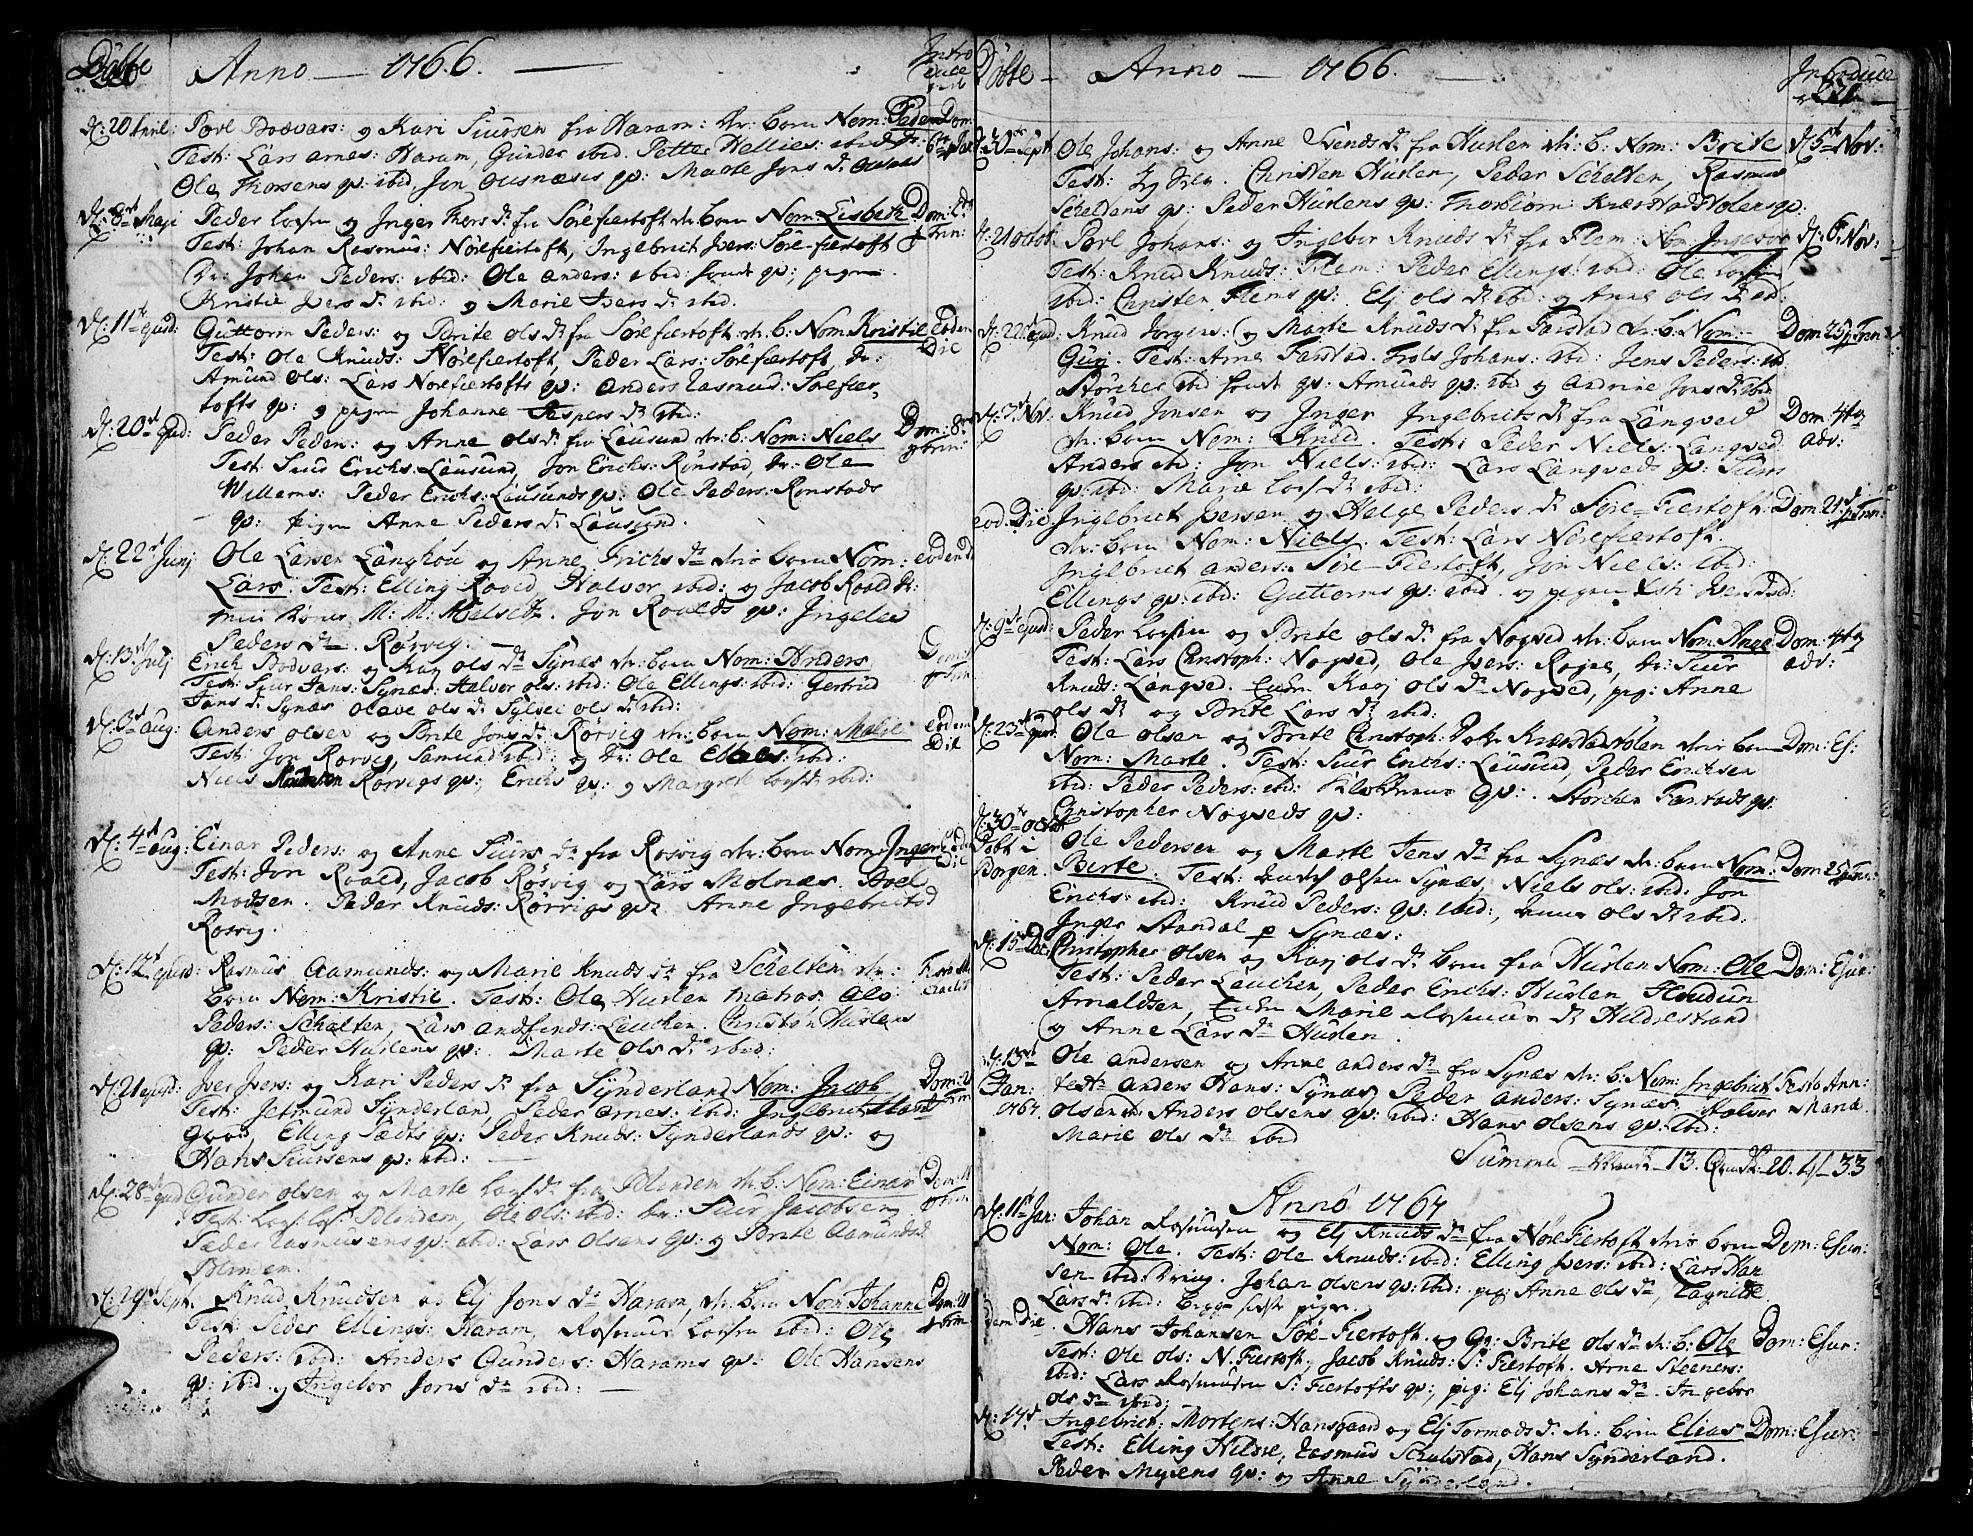 SAT, Ministerialprotokoller, klokkerbøker og fødselsregistre - Møre og Romsdal, 536/L0493: Ministerialbok nr. 536A02, 1739-1802, s. 220-221